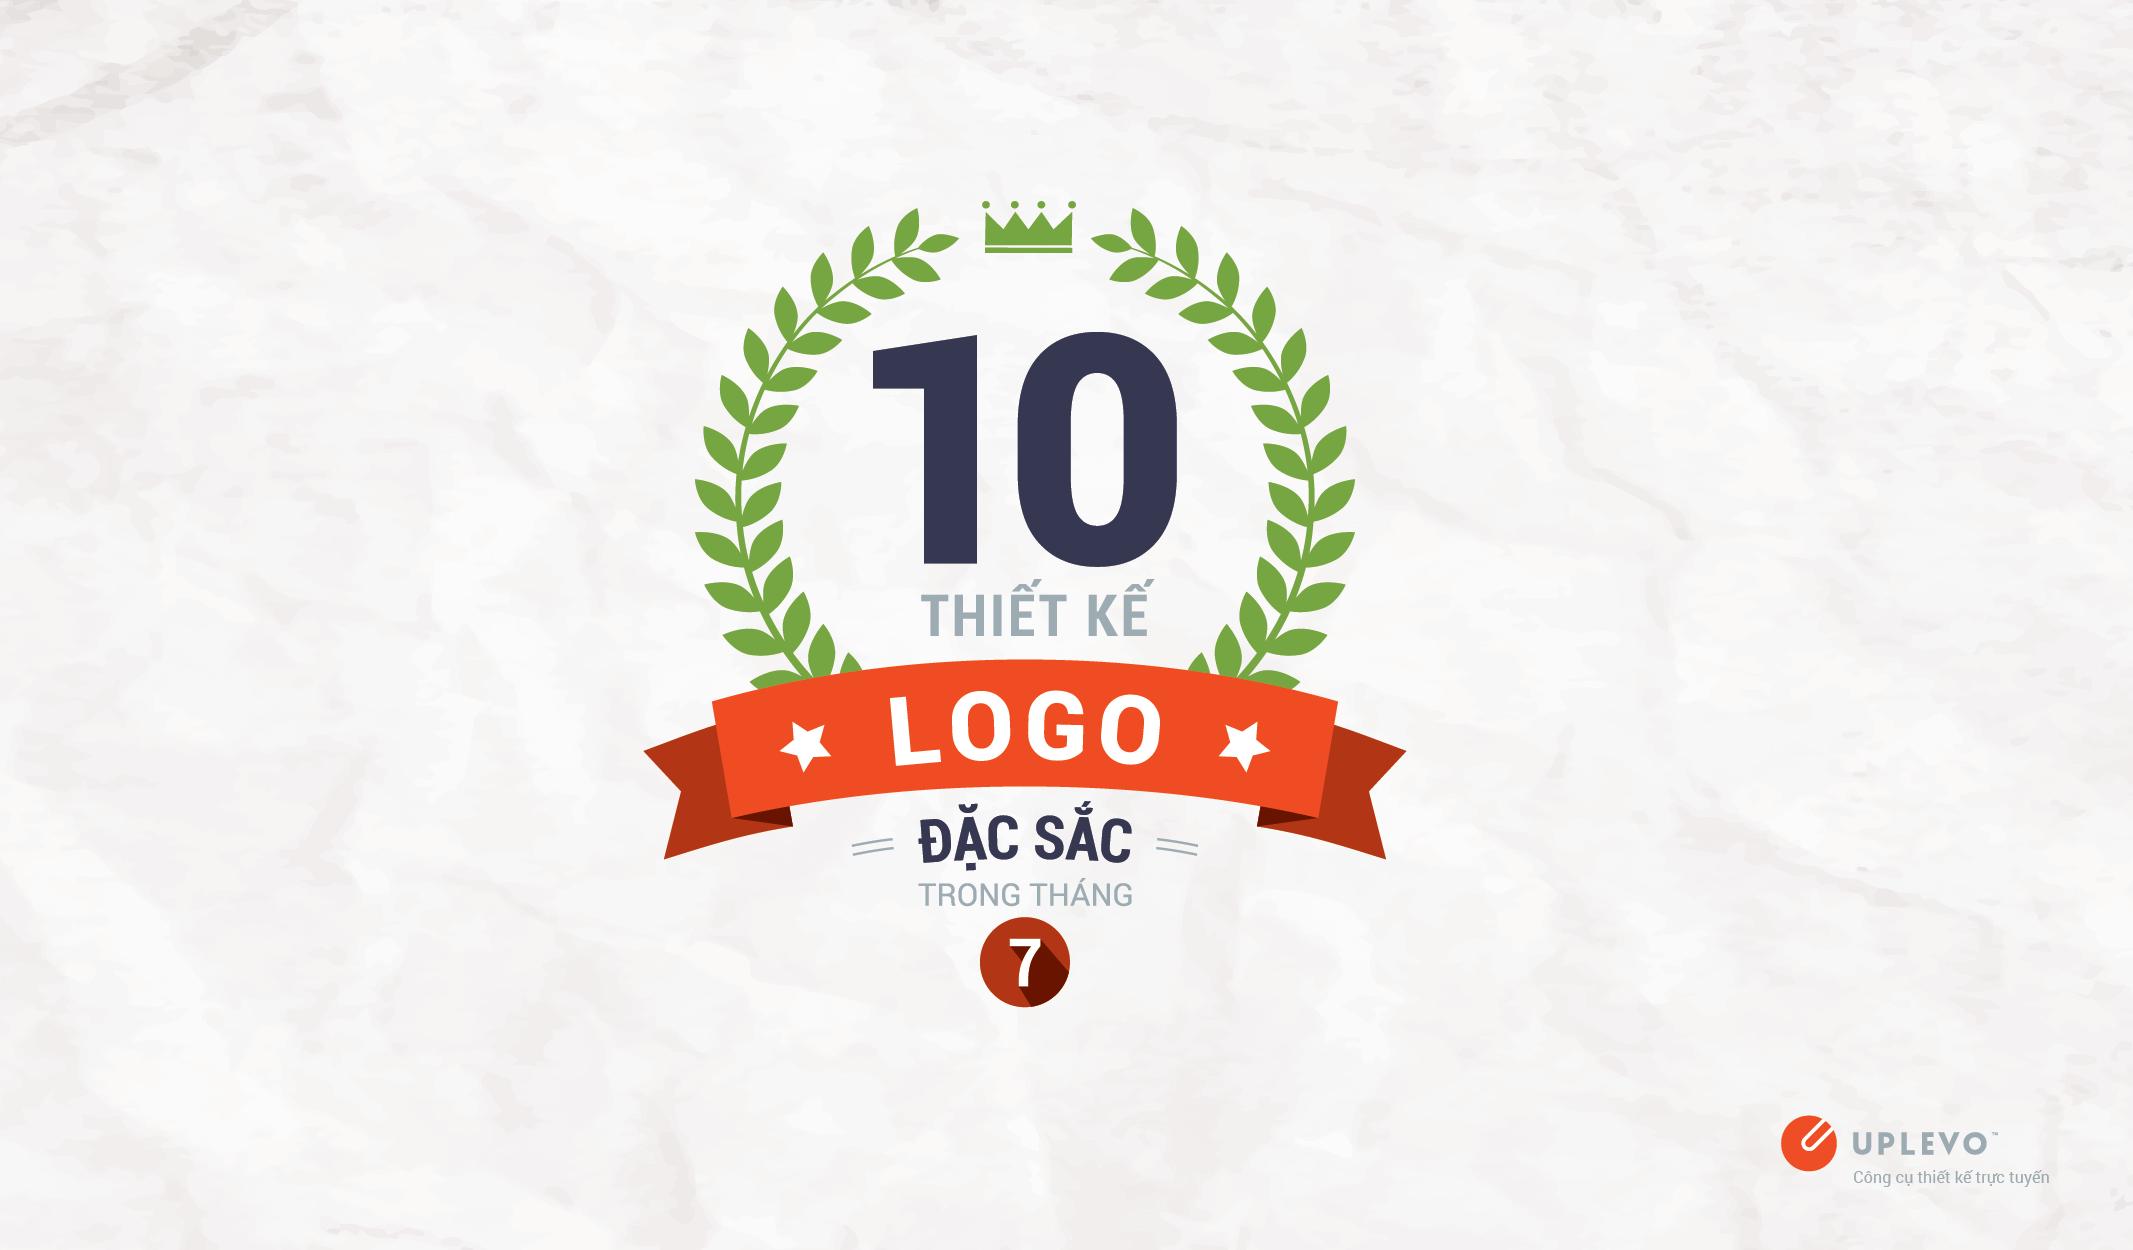 10 thiết kế logo đặc sắc trong tháng 7